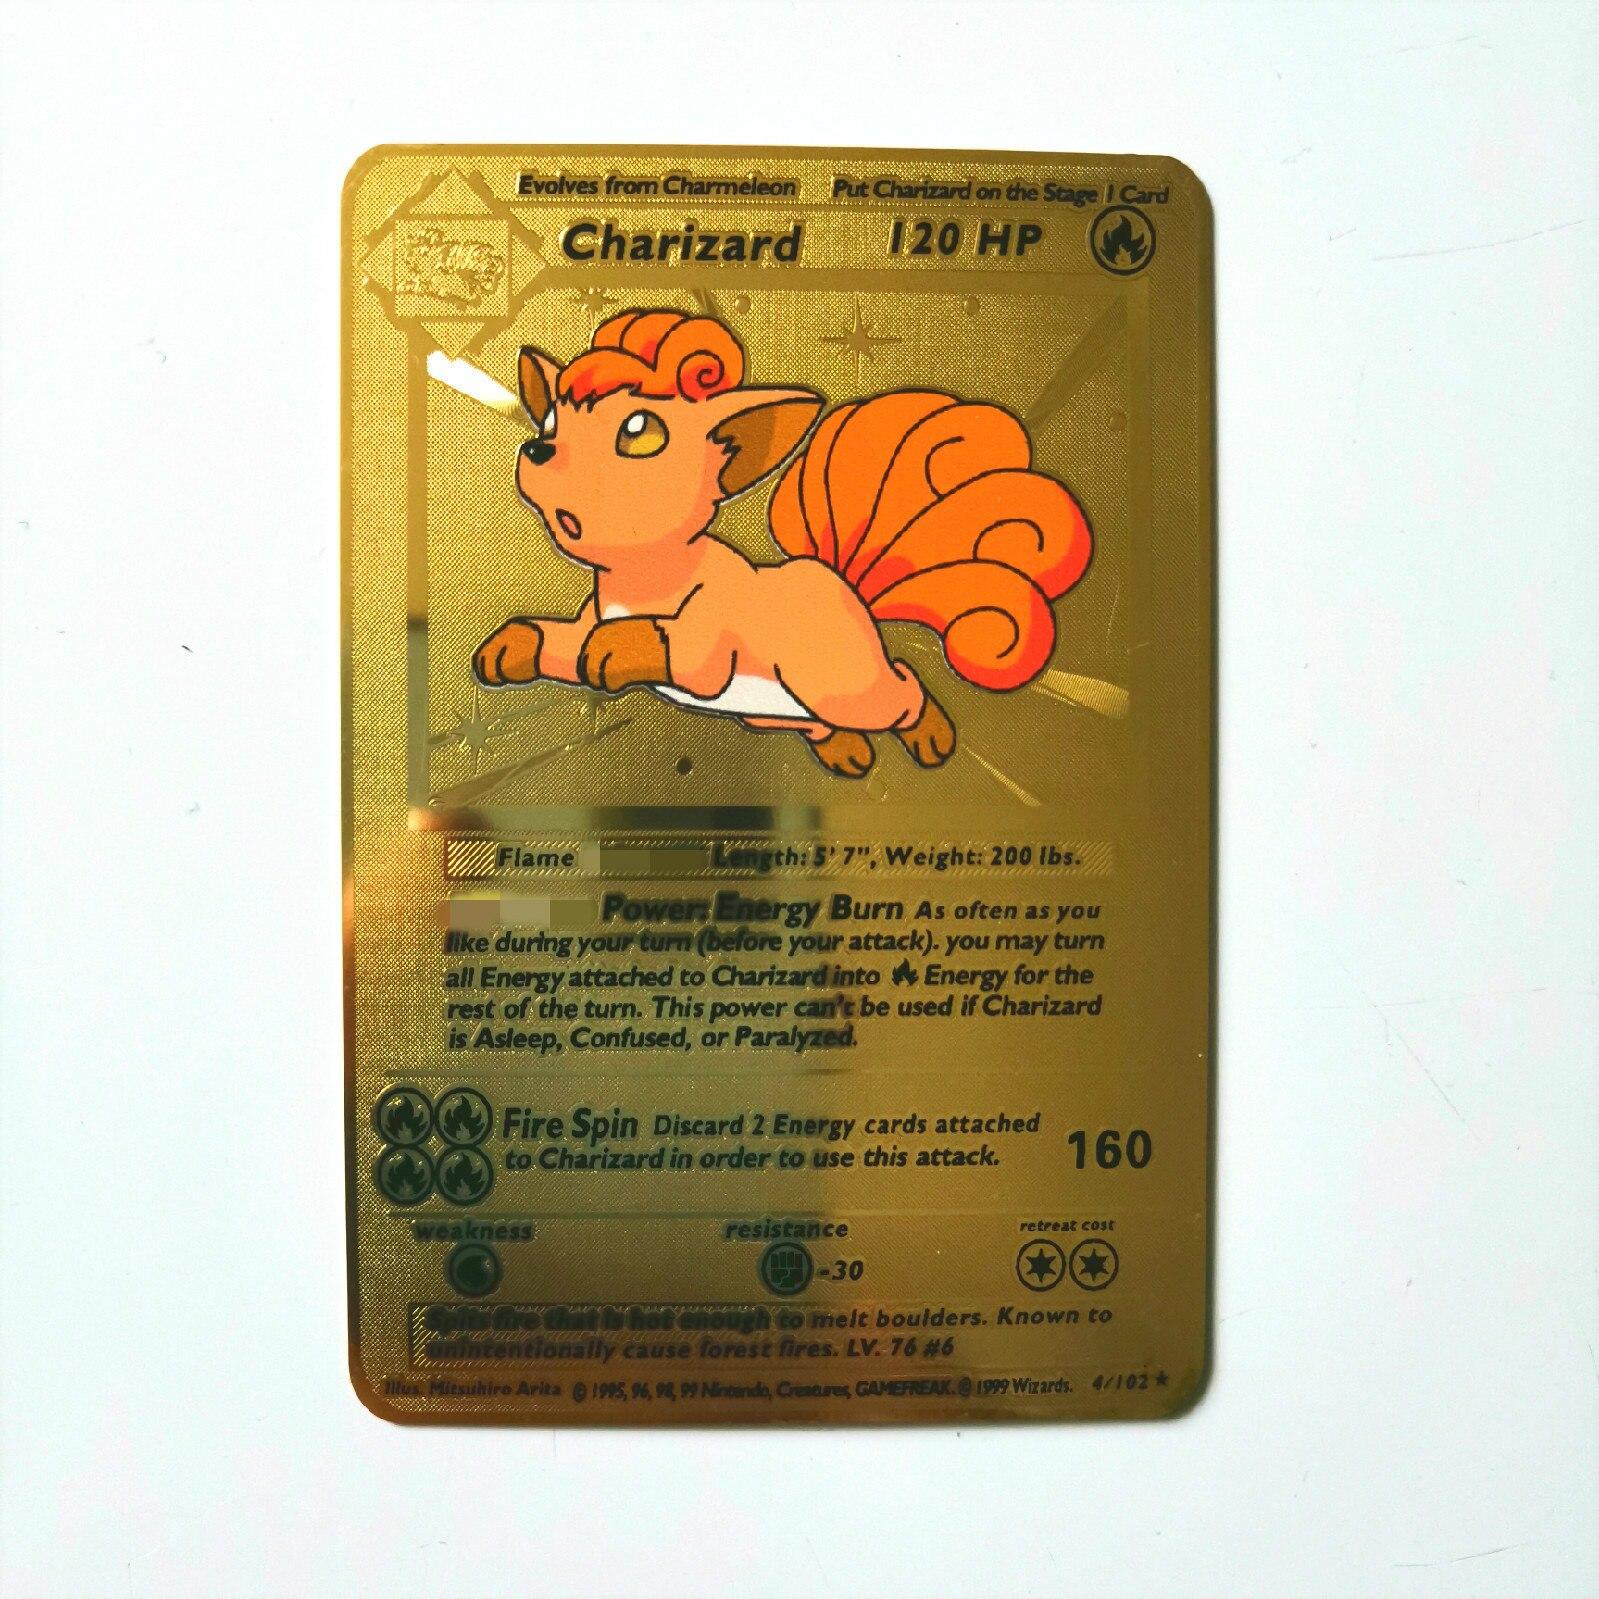 Dragon Ball золотая металлическая карточка супер игра Коллекция аниме-открытки игра детская игрушка - Цвет: J